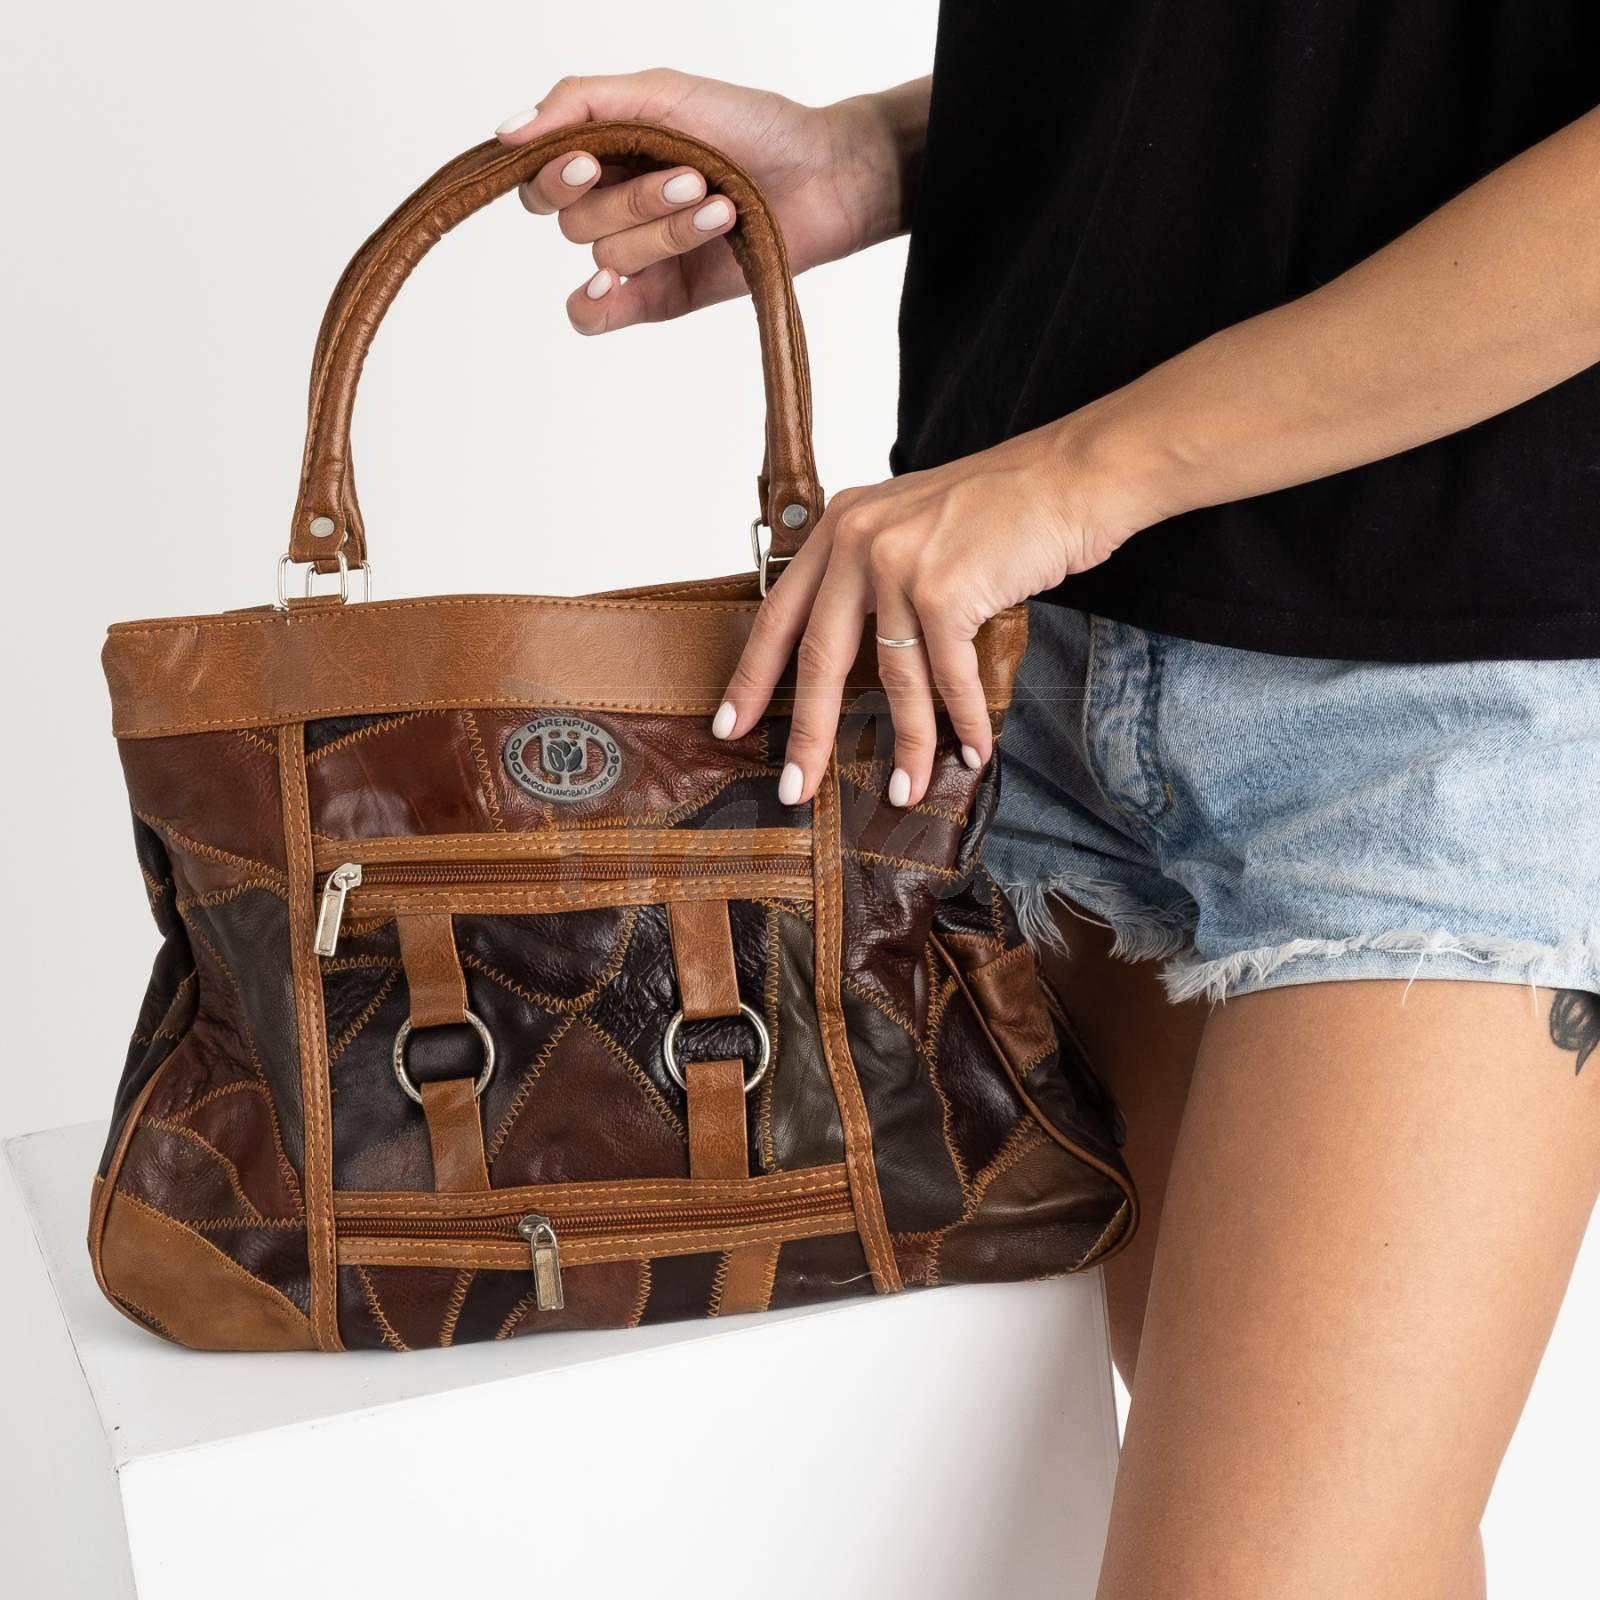 8817 коричневая сумка женская из экокожи (5 ед.)